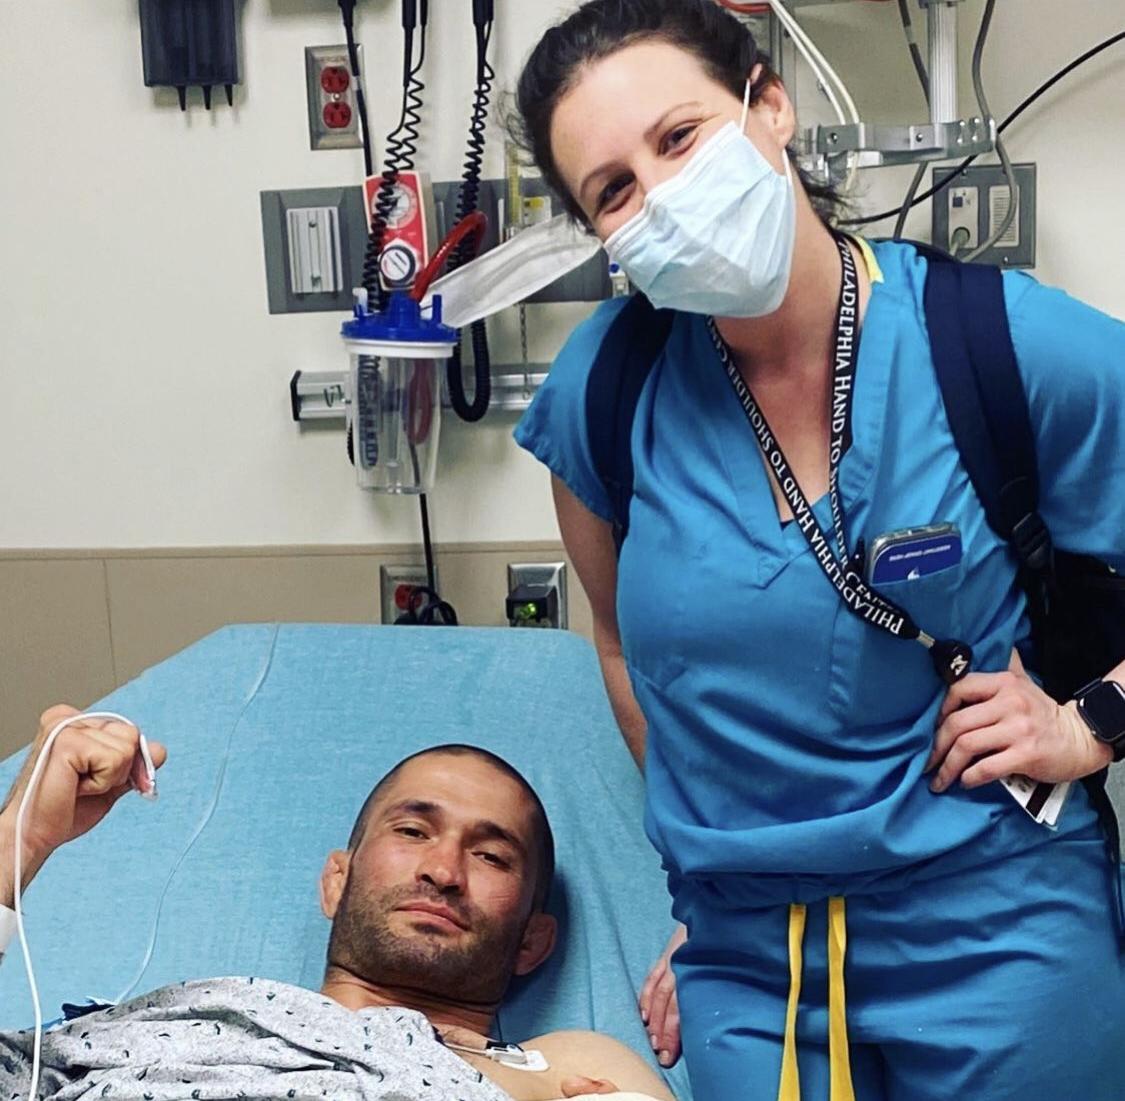 Pliev memposting di media sosial foto dirinya di ranjang rumah sakit dengan jarinya terhubung kembali.  Jari-jari Anda ada di tempat yang benar, semuanya, seniman bela diri ini menulis.  Foto: Instagram / Pliev